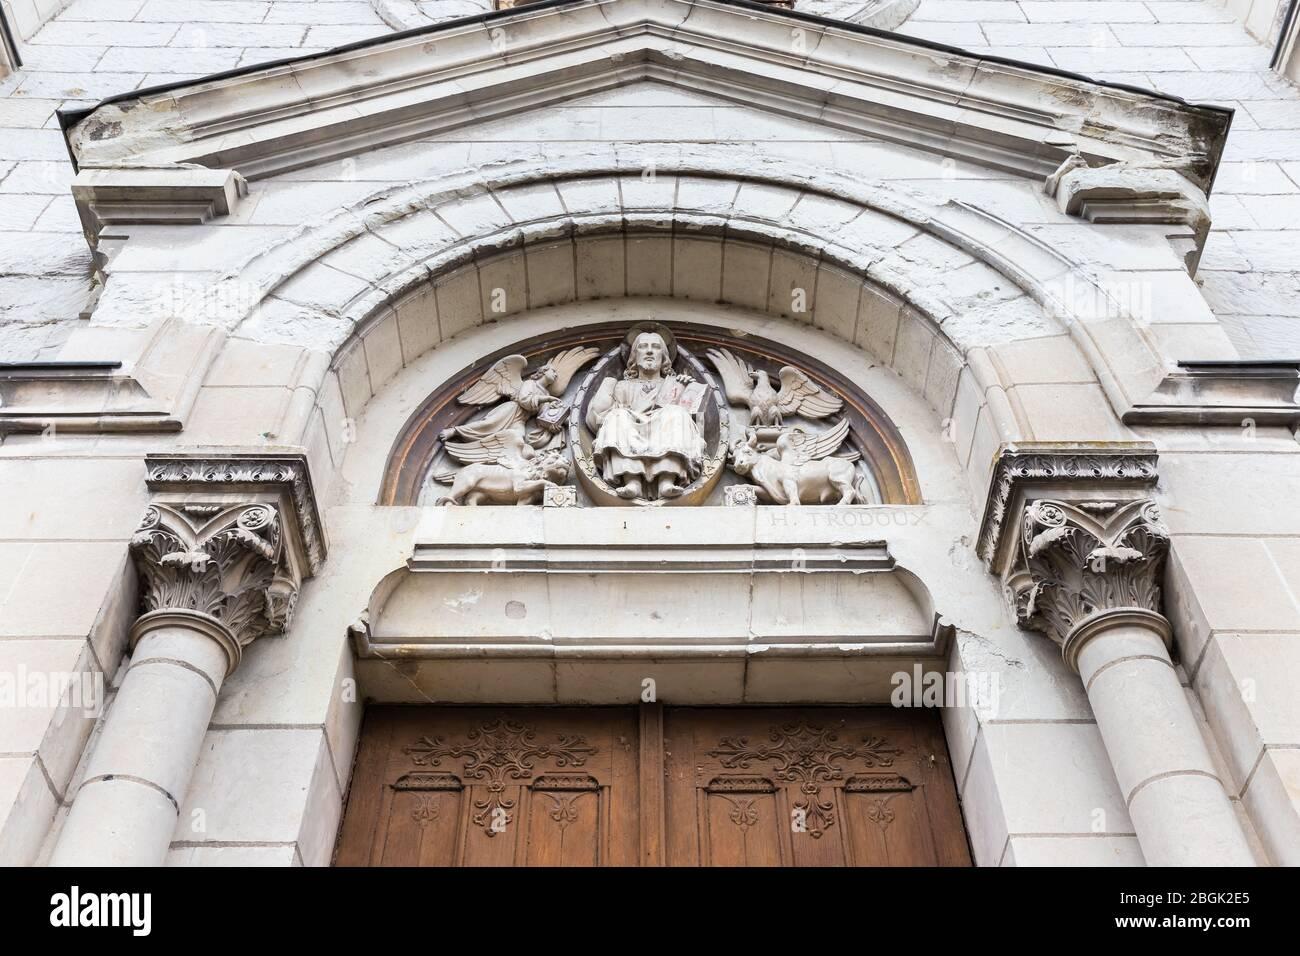 Détail architectural de la paroisse orthodoxe roumaine Saint Nectaire de Tours et de la chapelle Saint-François dans le centre-ville, en hiver Banque D'Images